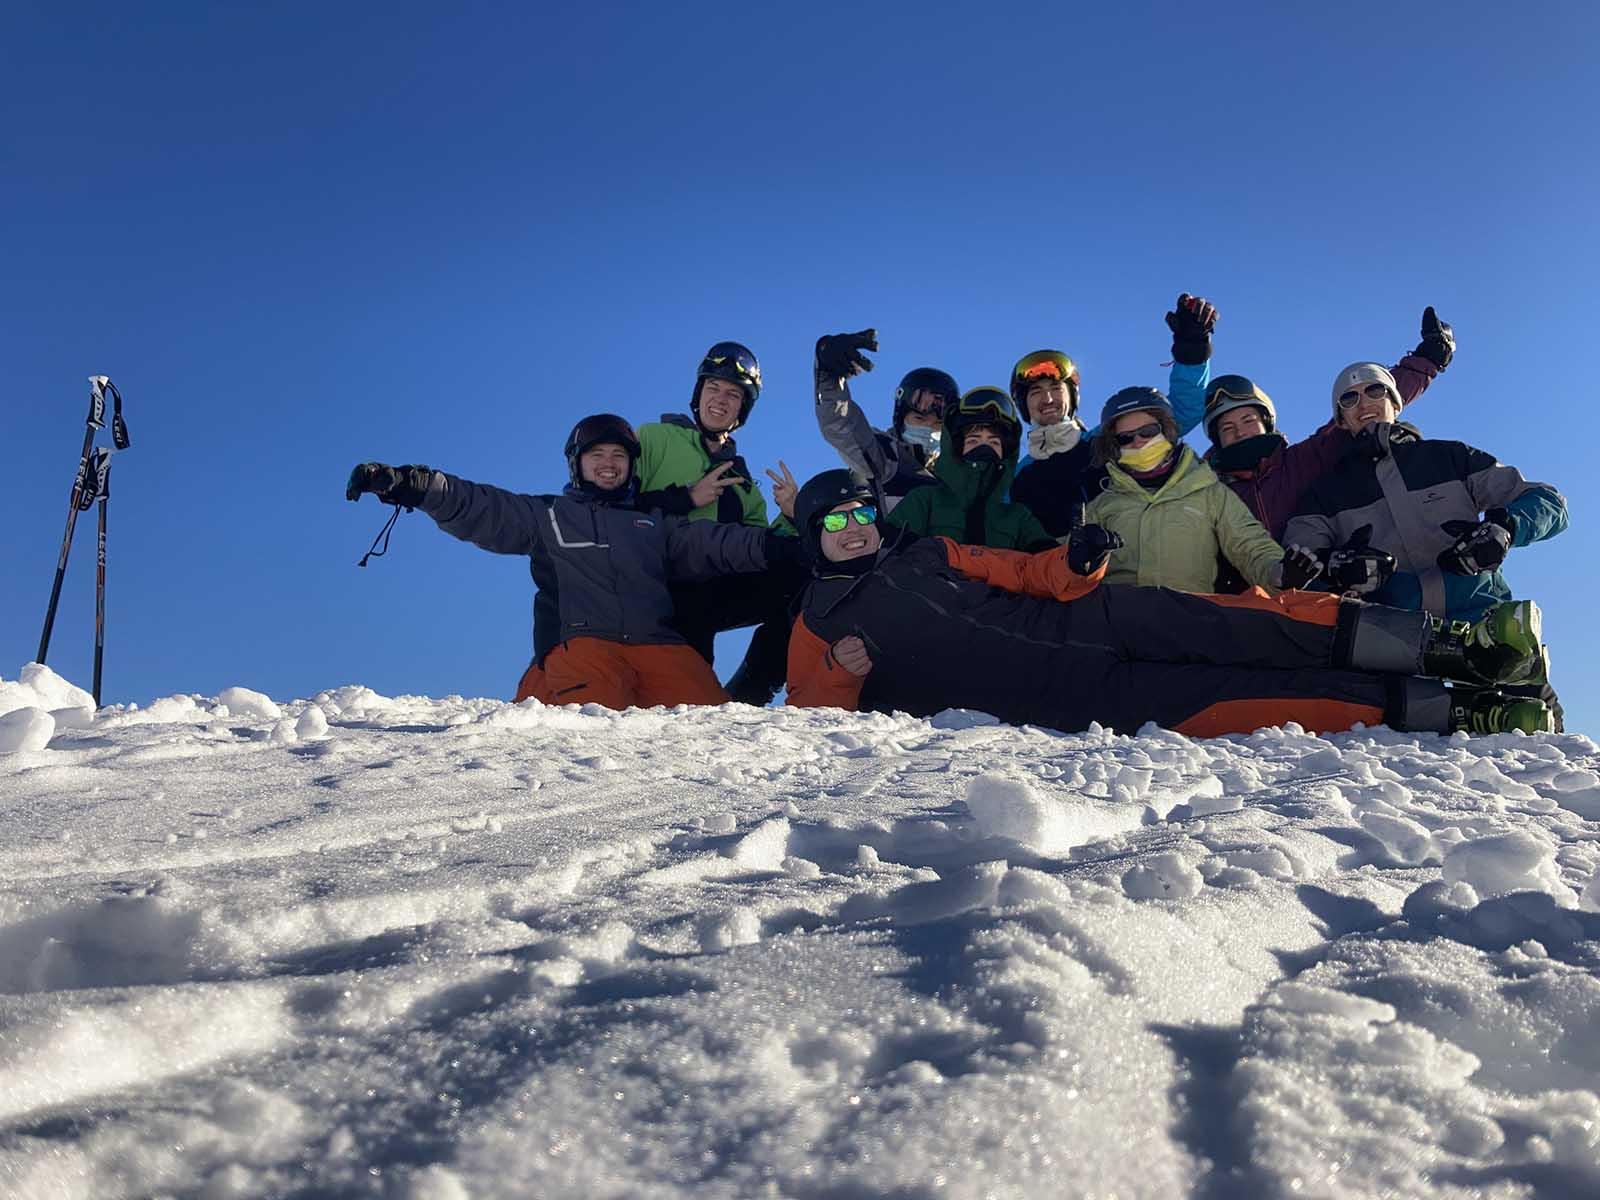 Das Jugendleiterteam des Wasserfahrvereins Zürich – für einmal im Schnee statt auf dem Wasser.